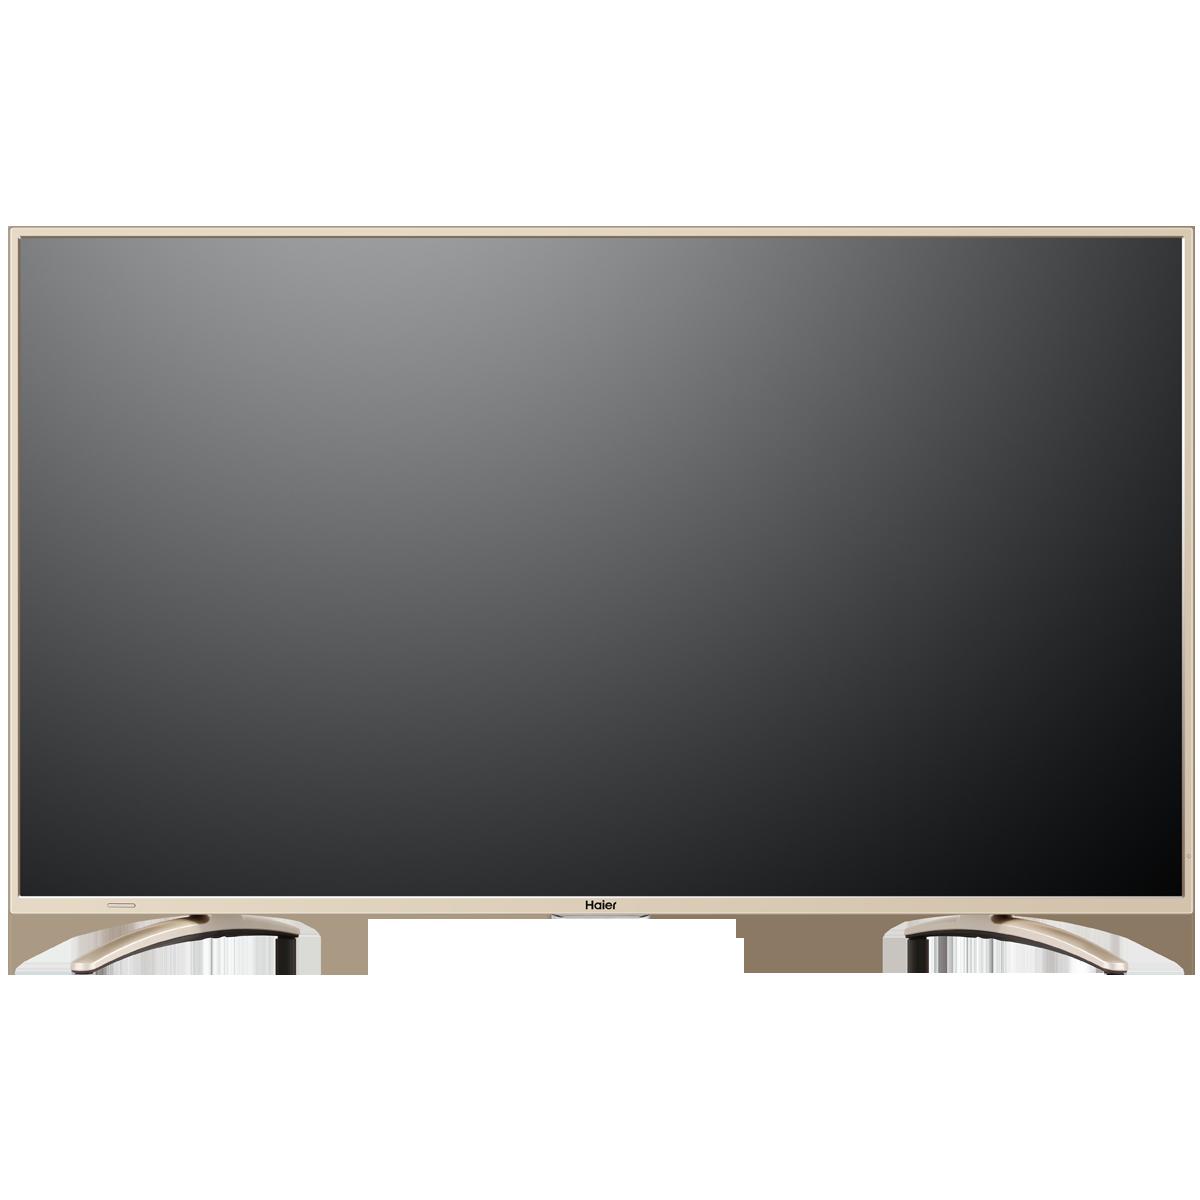 haier 海尔ls55a6155英寸4k液晶智能led平板电视机彩电1图片